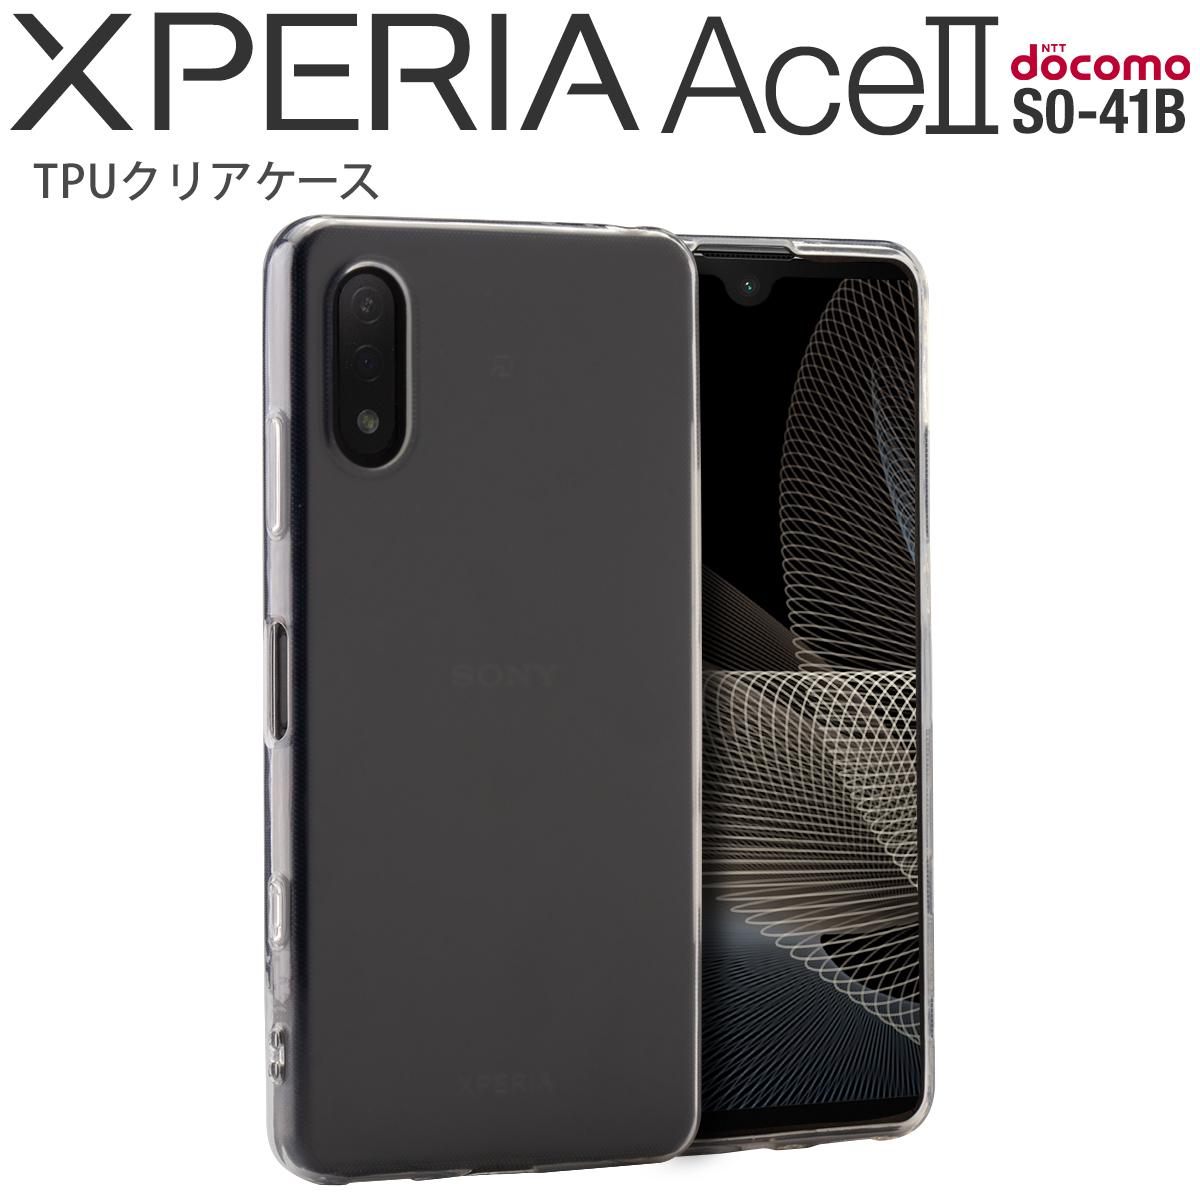 Xperia Ace II SO-41B TPU クリアケース